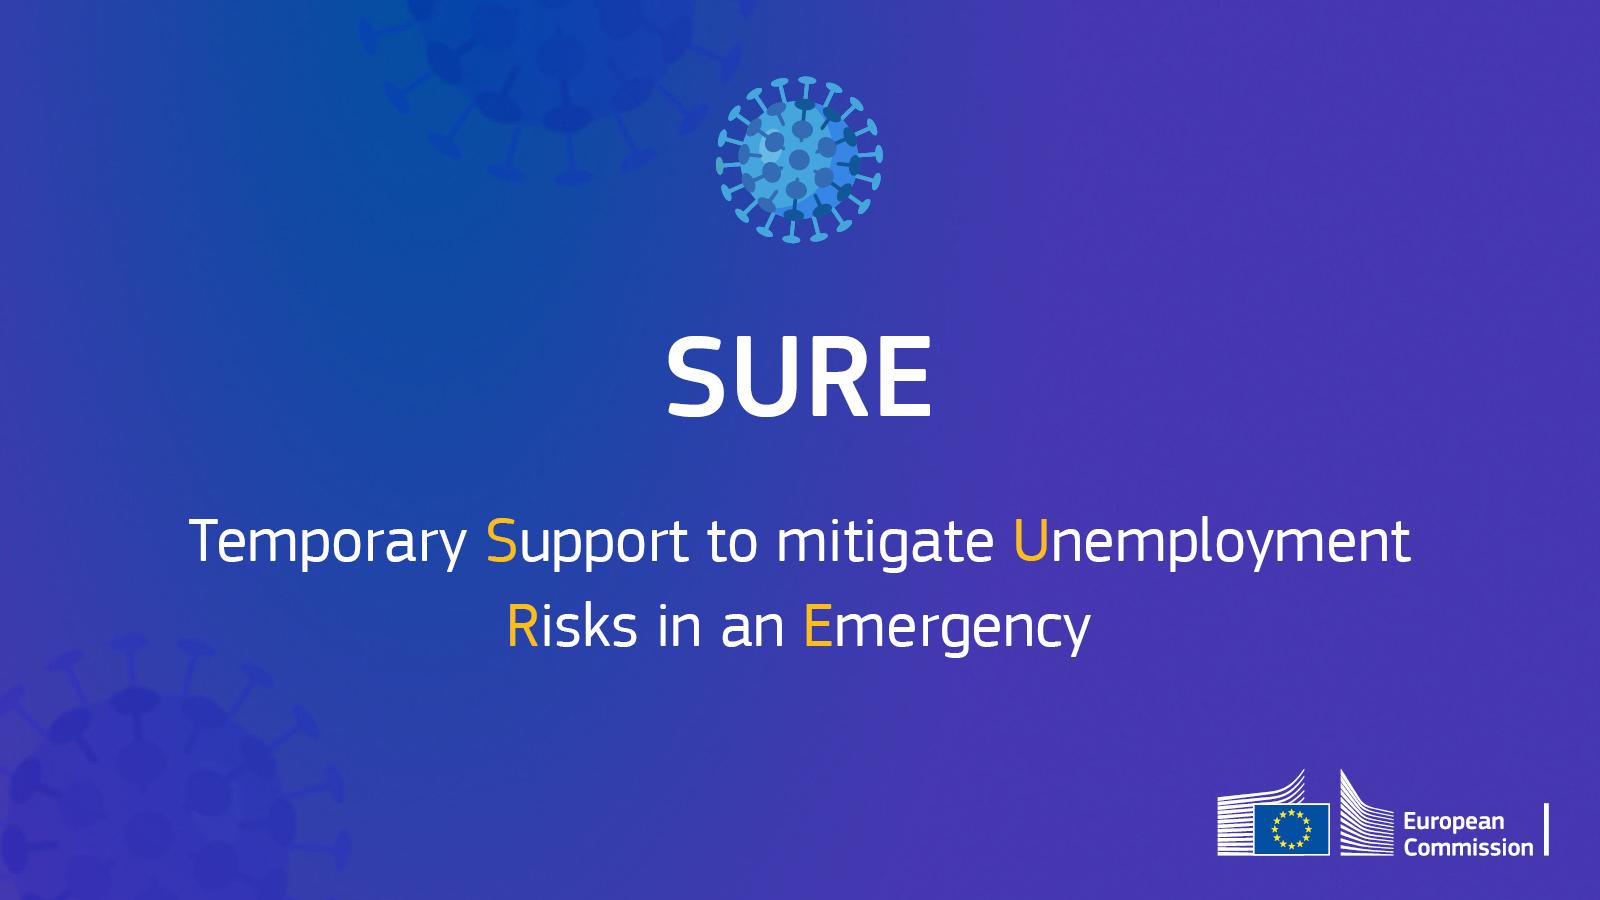 COVID-19: Το Συμβούλιο ενέκρινε προσωρινά μέτρα στήριξης για τον μετριασμό των κινδύνων ανεργίας σε κατάσταση έκτακτης ανάγκης